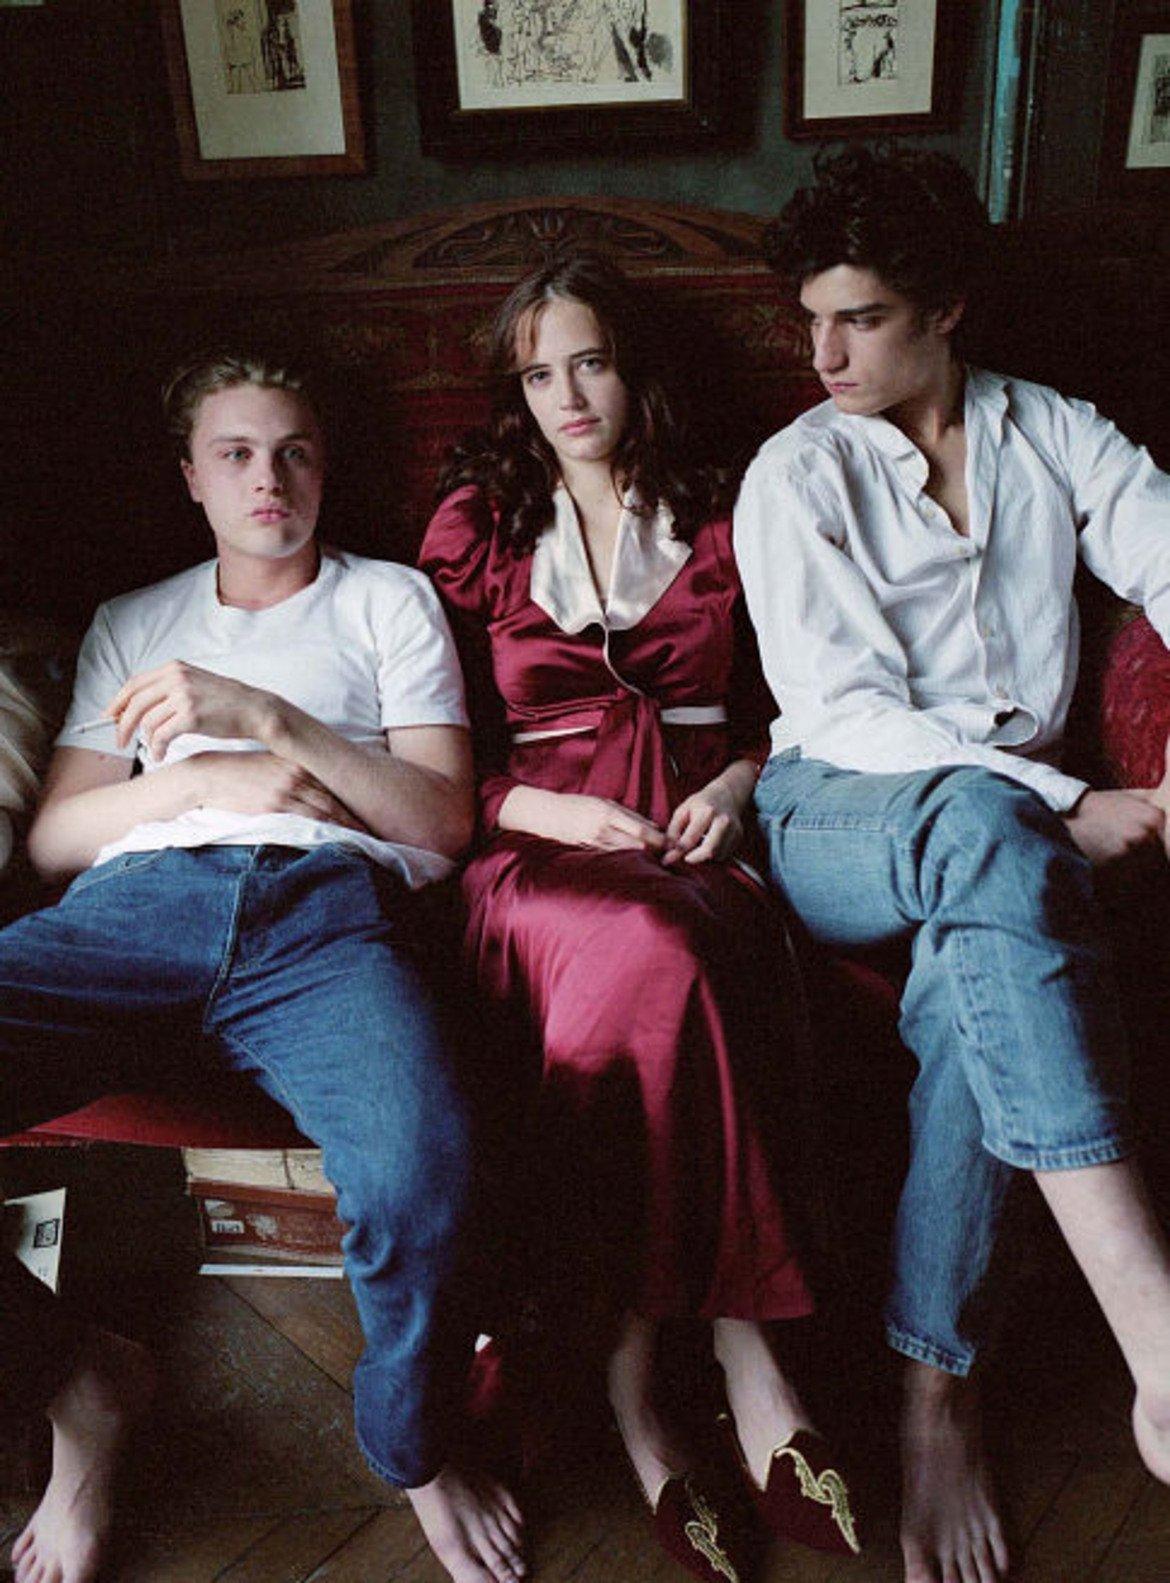 """Мечтатели  През 2003 година Ева Грийн се появява в """"Мечтатели"""", където за първи път привлича погледите върху себе си. Там тя влиза в ролята на Изабел, която заедно с брат си Тео, кани американски студент на име Матю с дома си. Там тримата живеят по свои собствени правила и експериментират с емоциите и сексуалността си, увлечени в поредица от все по-предизвикателни умствени игри."""